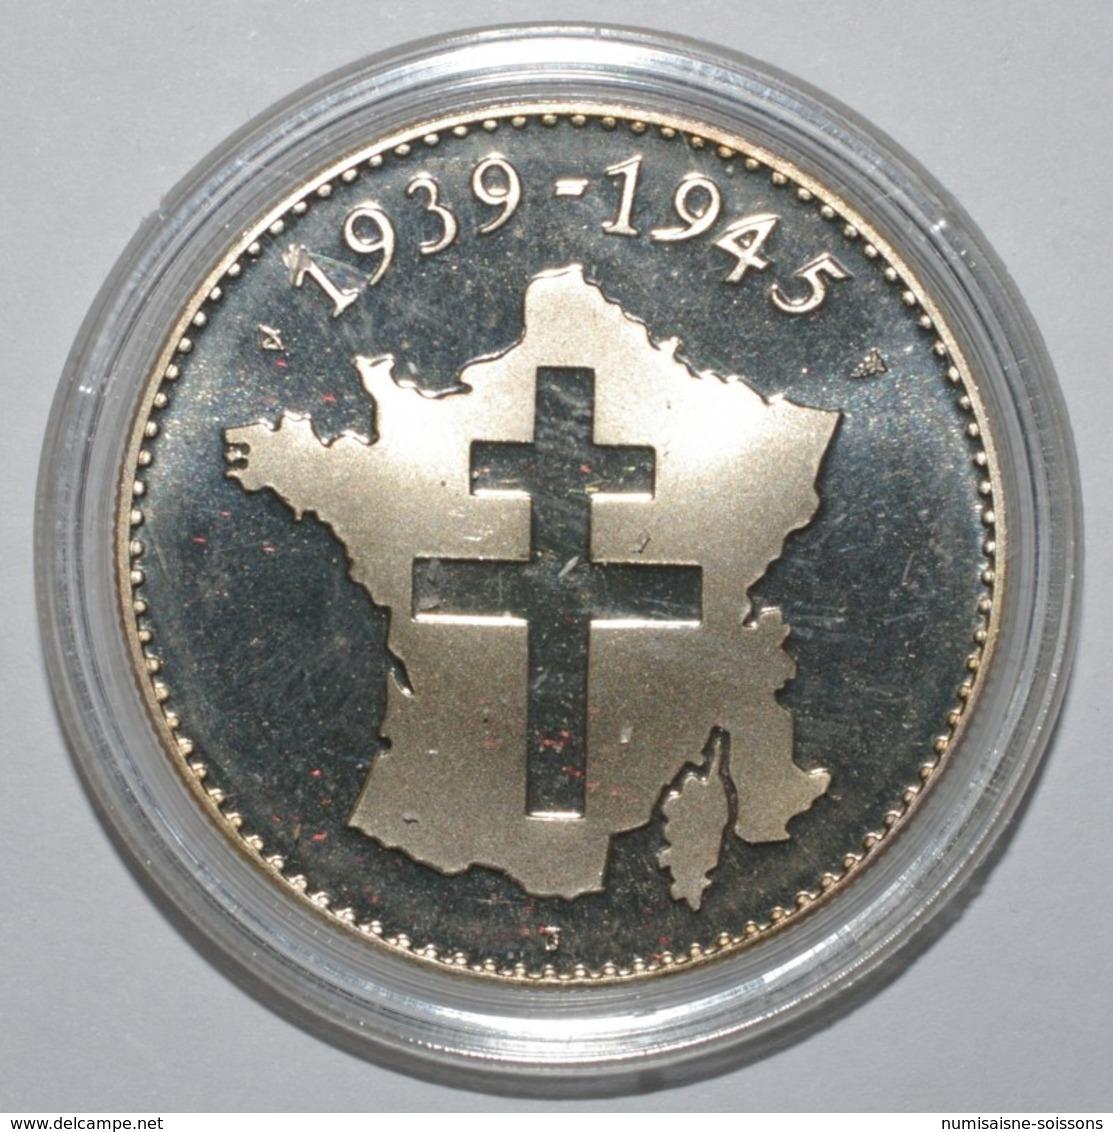 FRANCE - MÉDAILLE - SECONDE GUERRE MONDIALE 1939-1945 - YALTA 11 FEVRIER 1945 - BE - France